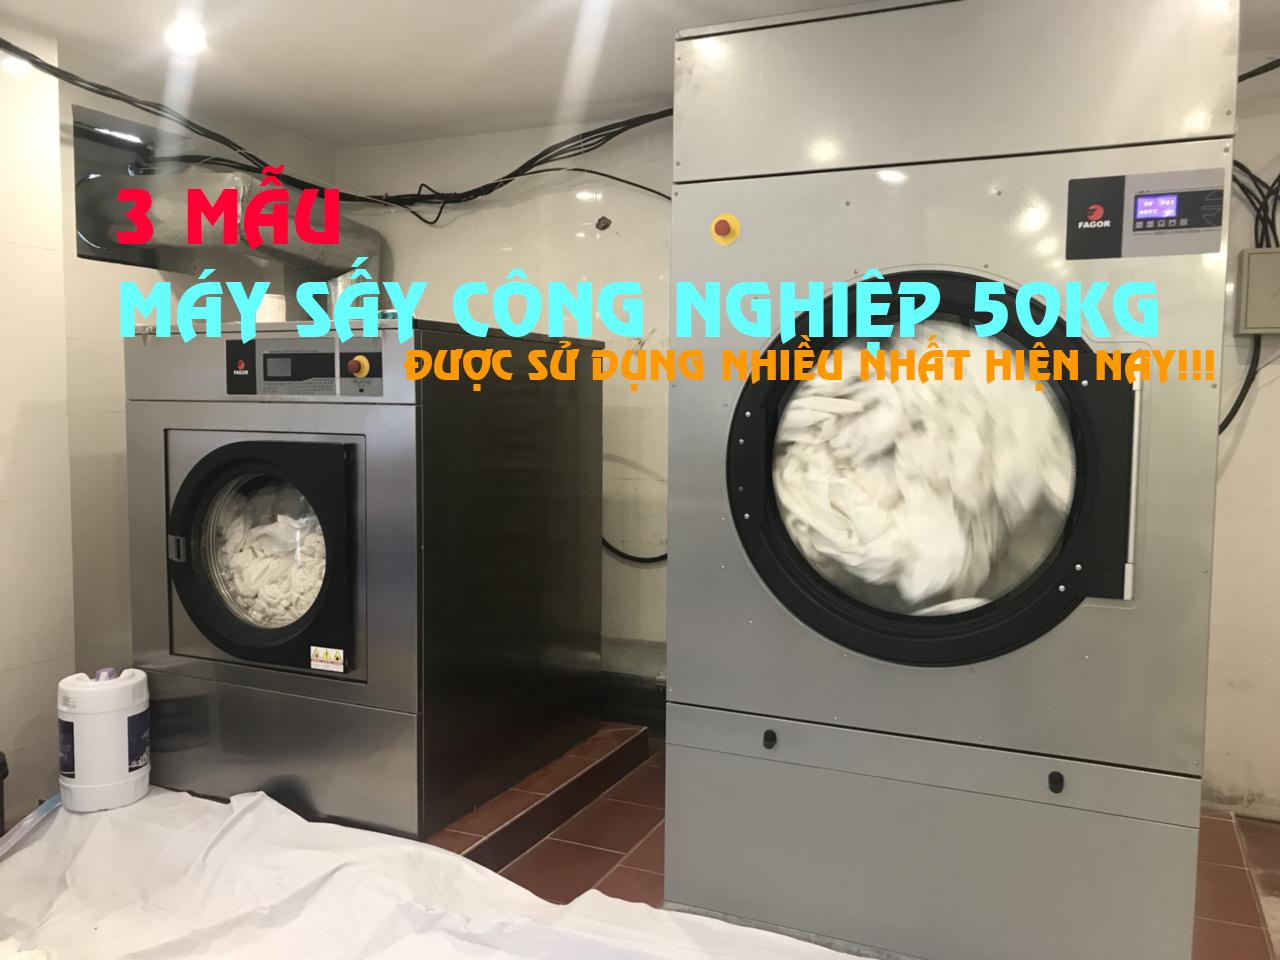 3 mẫu máy sấy công nghiệp 50kg được sử dụng nhiều nhất!   Phân phối máy  giặt công nghiệp ,máy sấy công nghiệp chính hãng